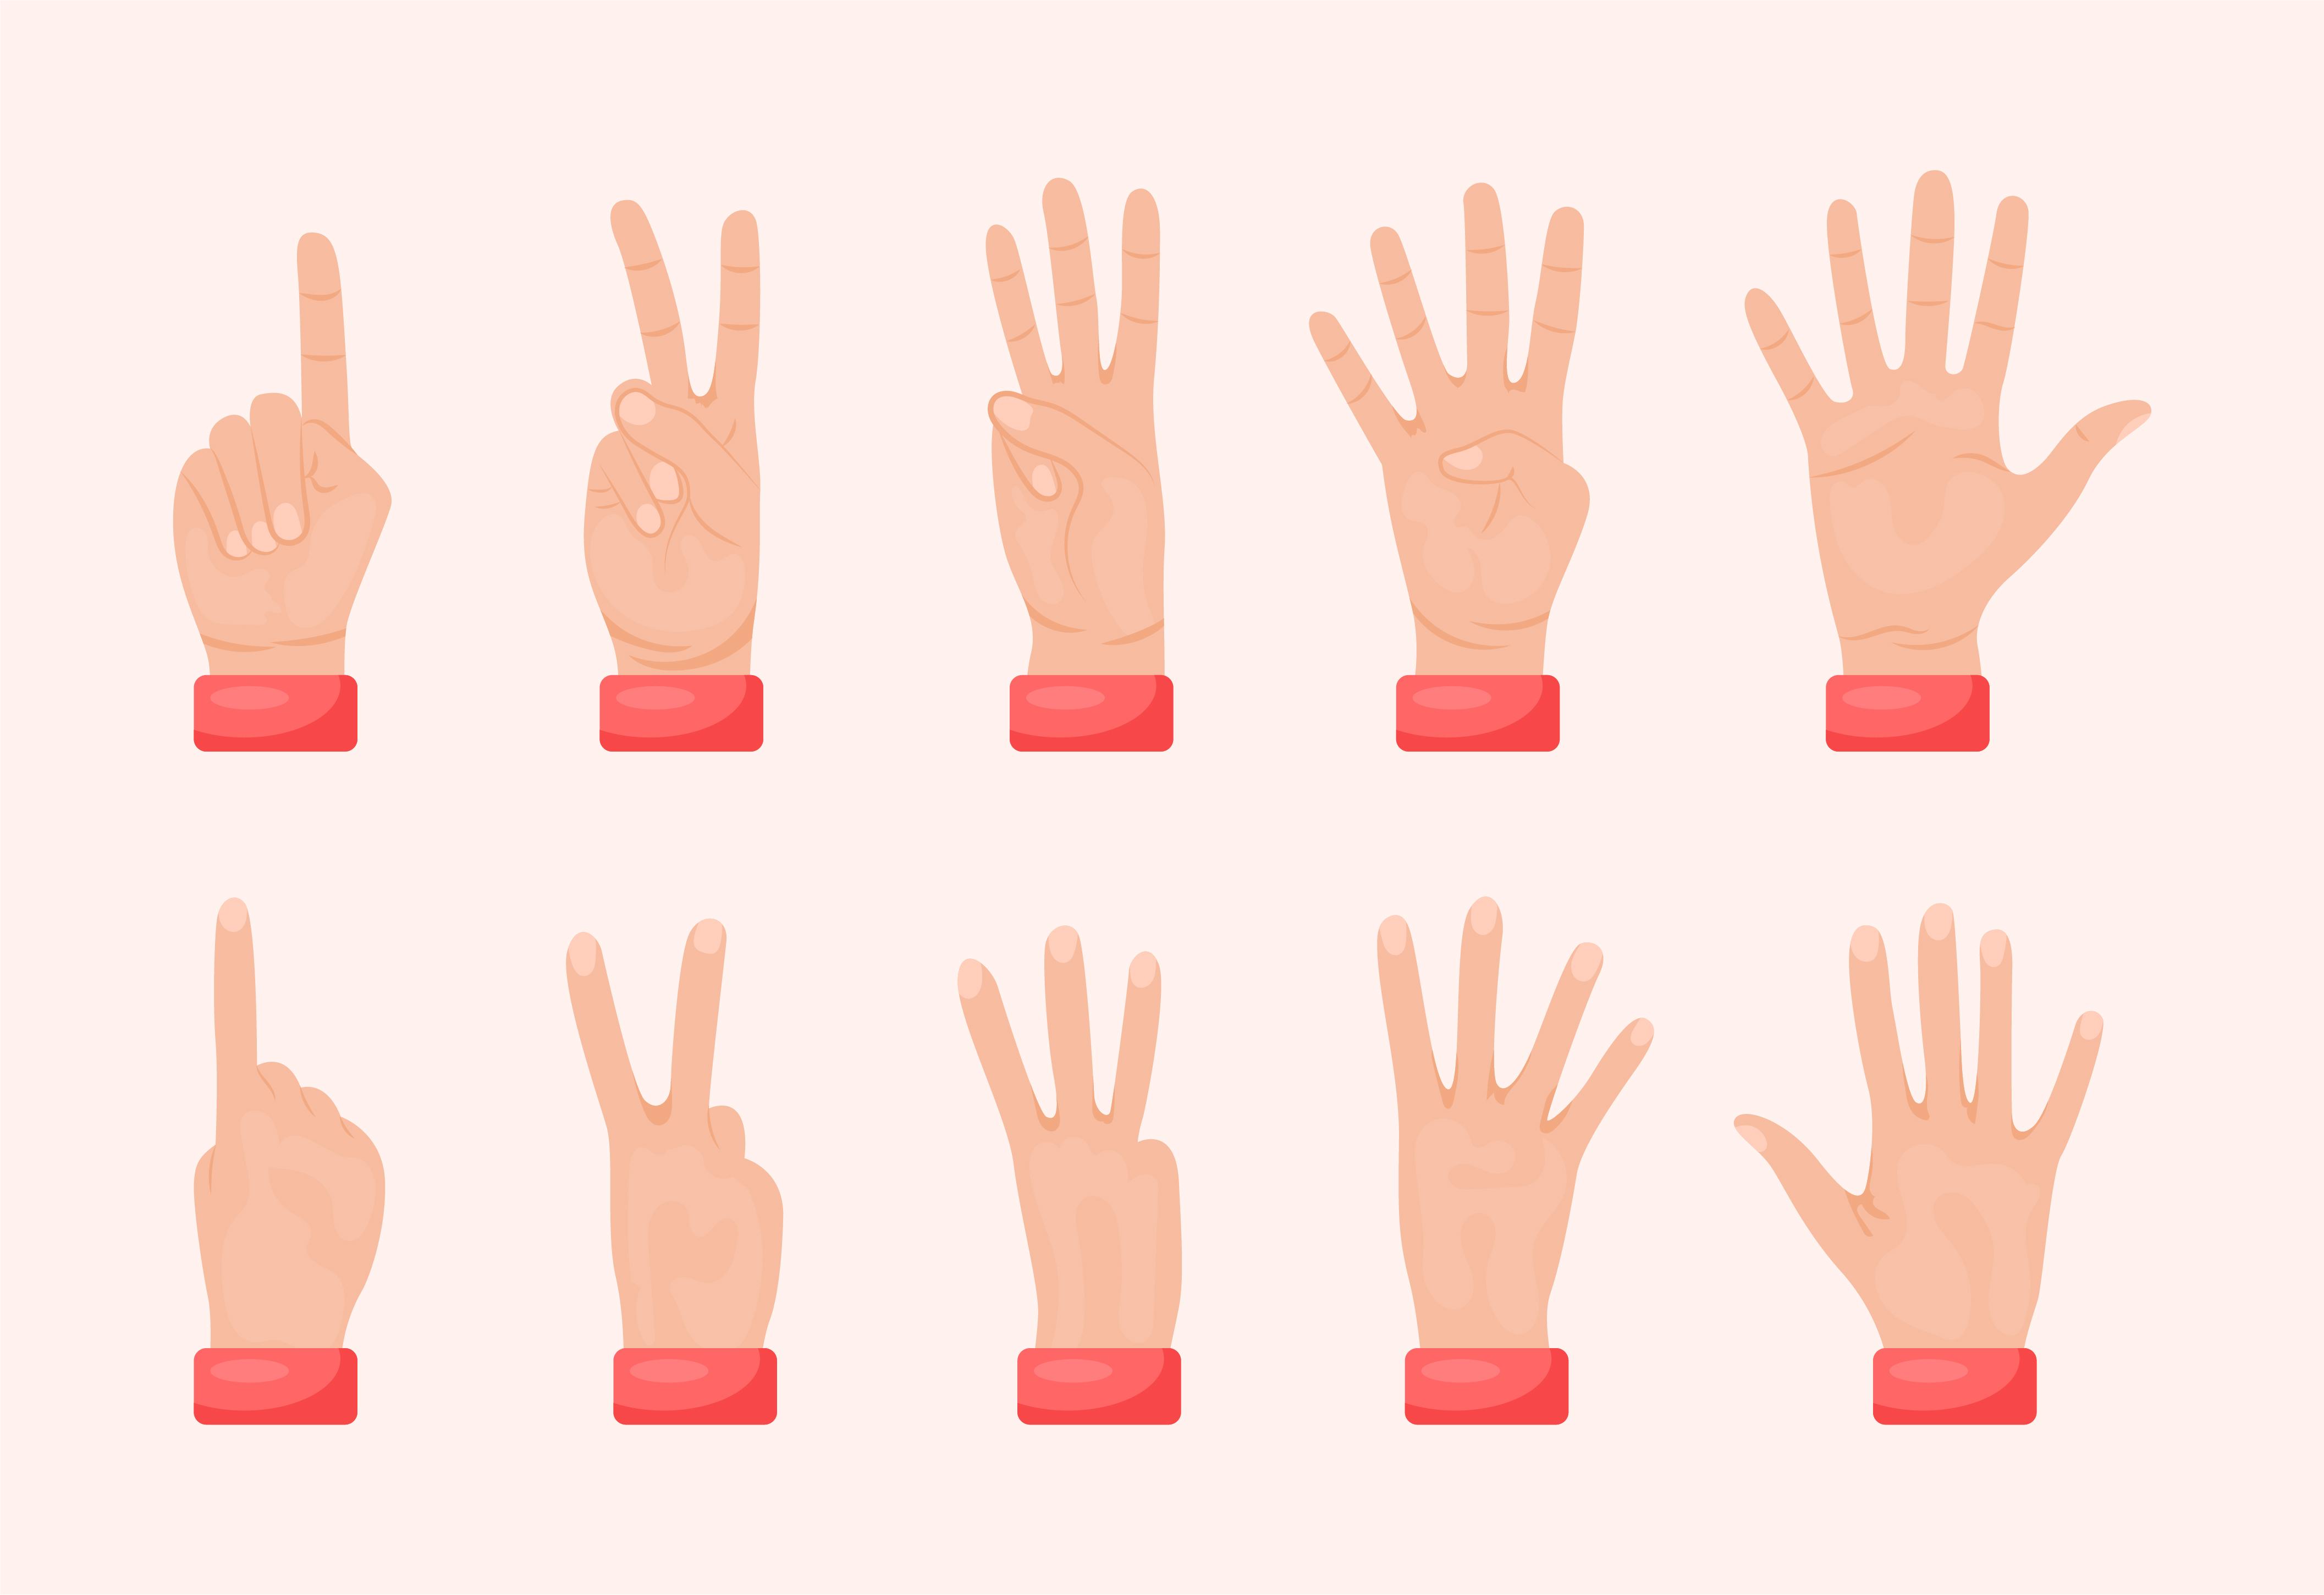 Hands Gestures Free Vector Art